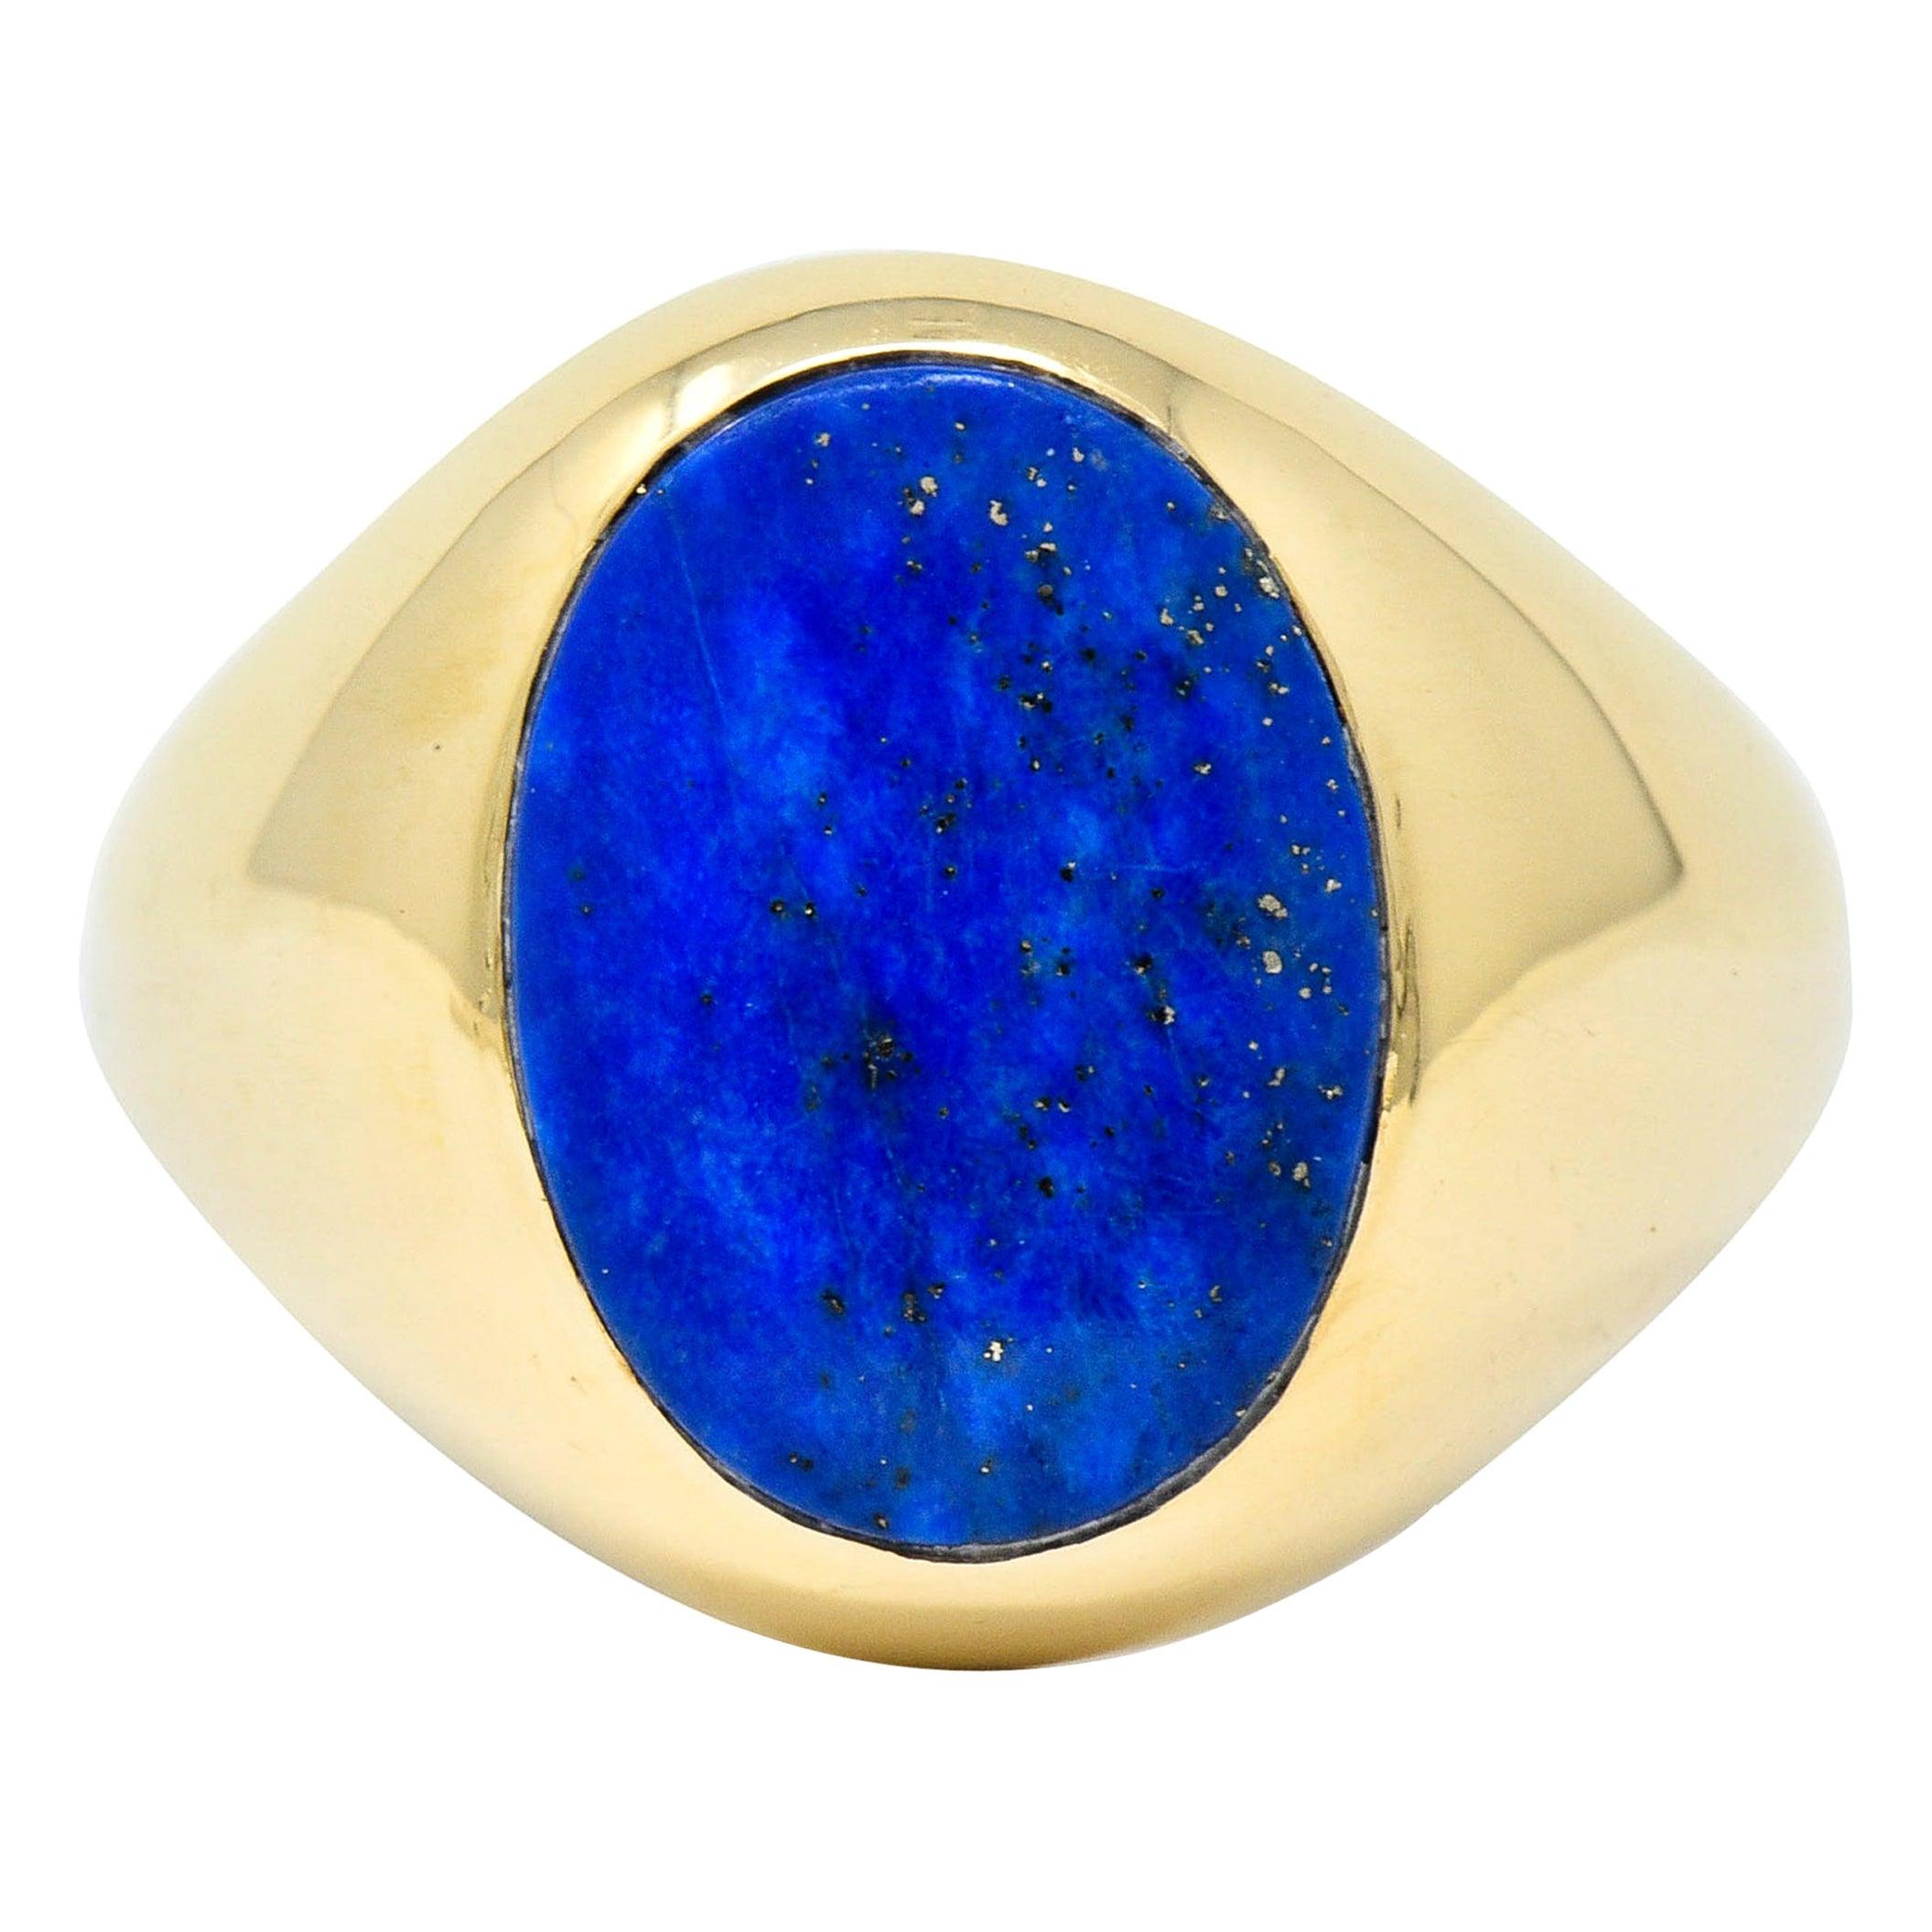 1950s Larter & Sons Lapis Lazuli 14 Karat Gold Men's Signet Ring